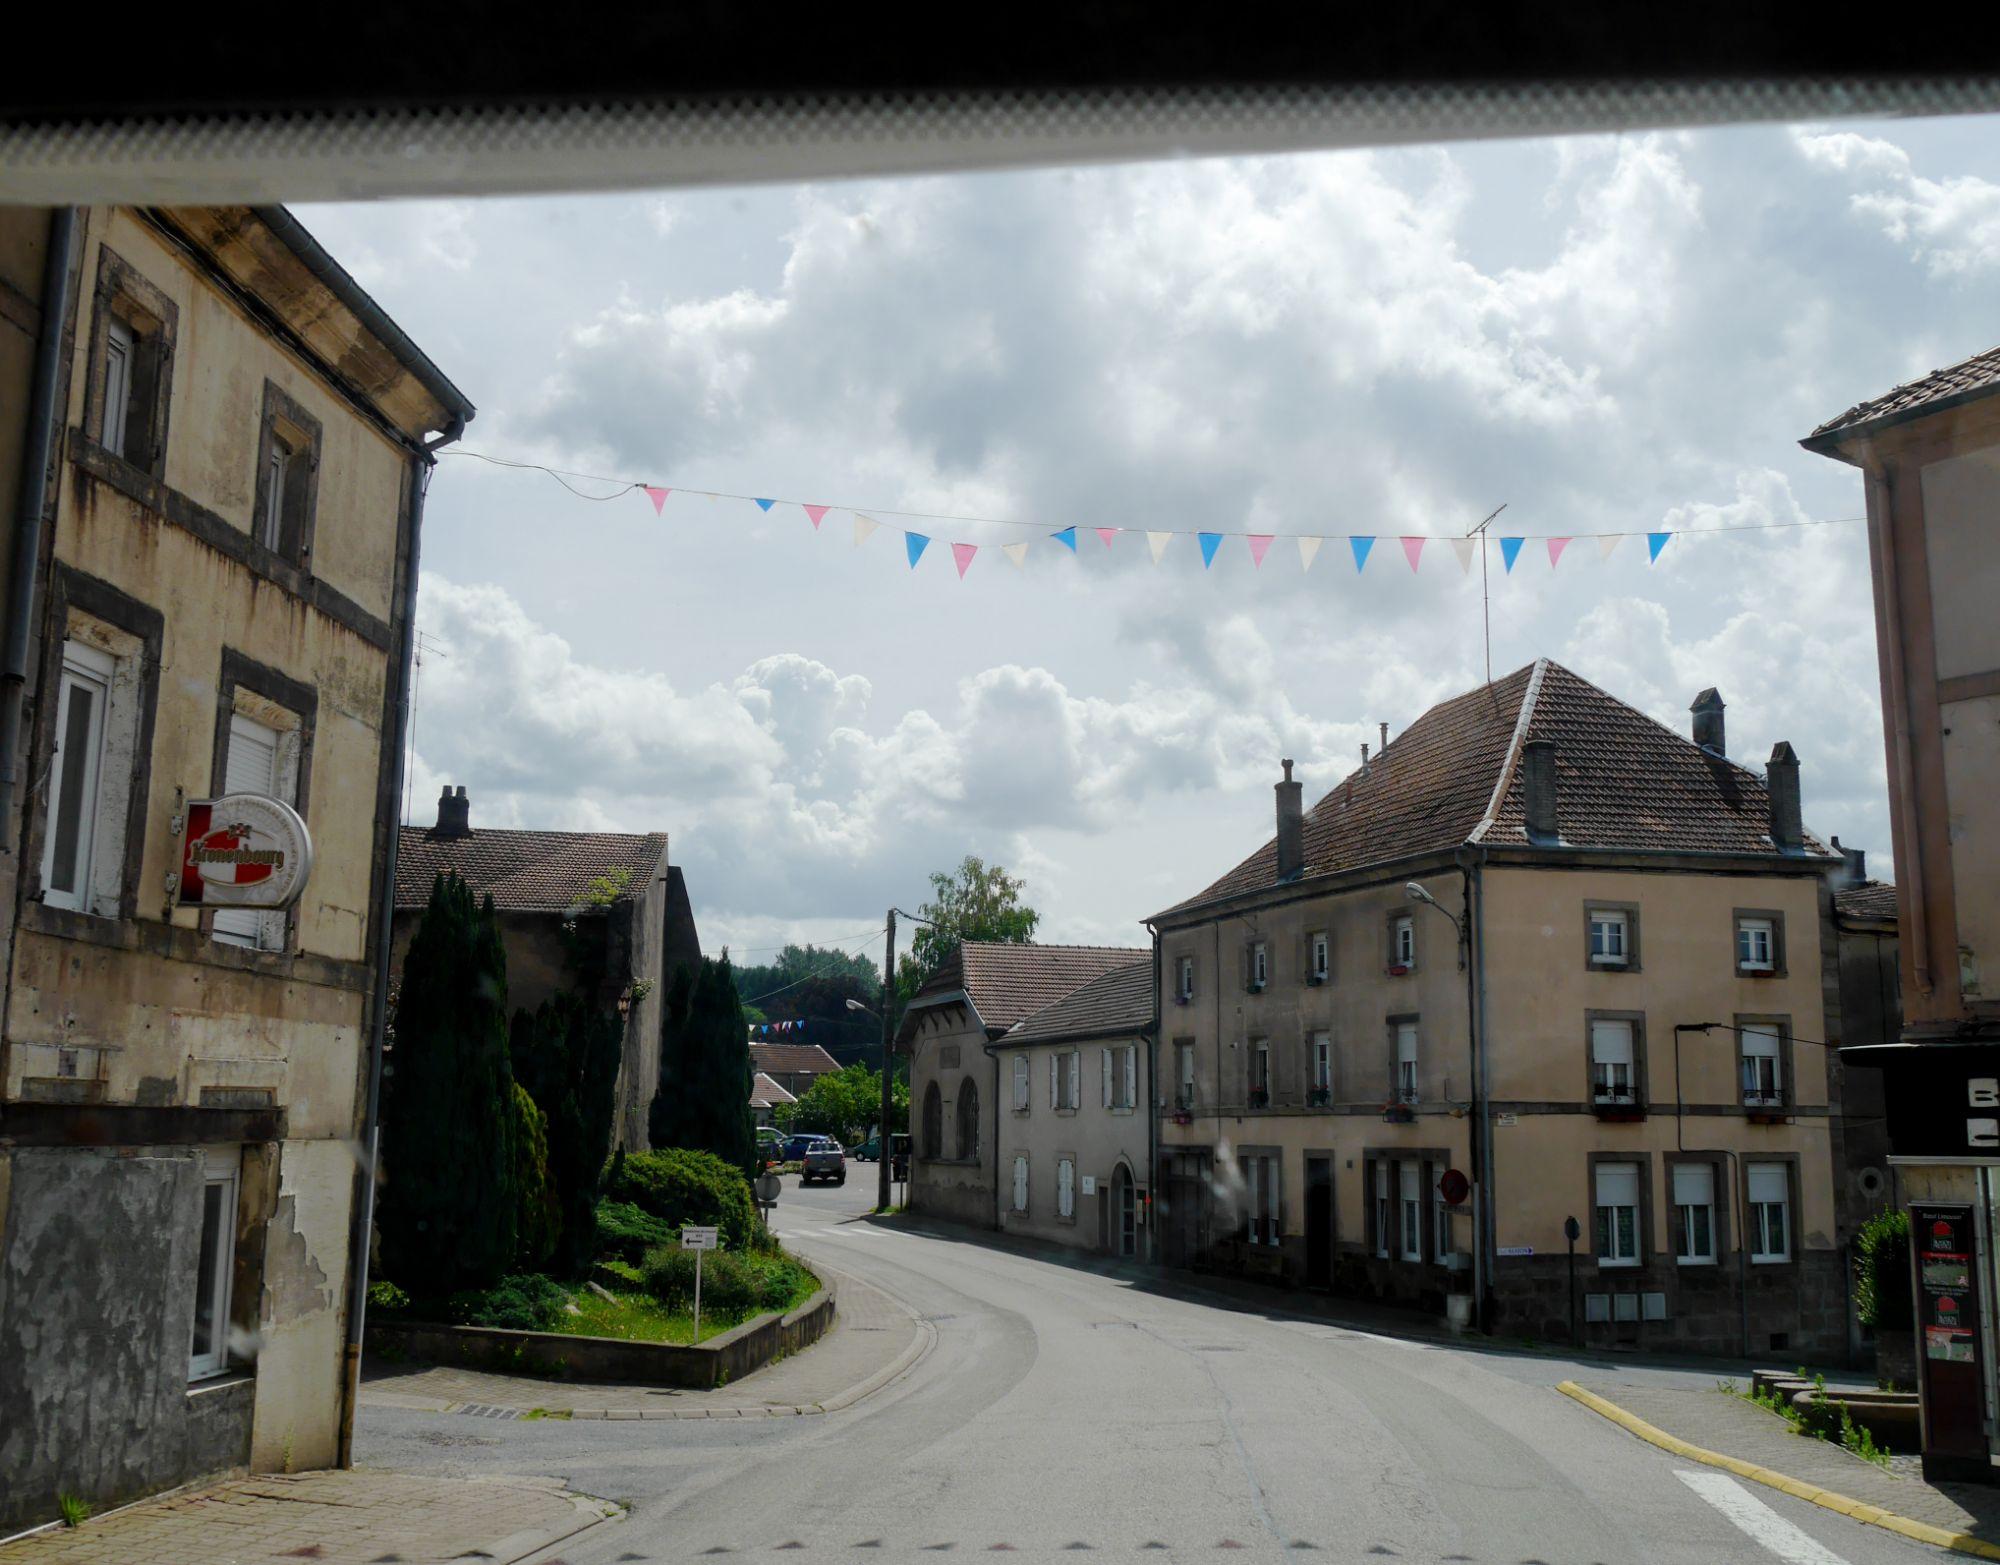 180603 Horb am Neckar (24)